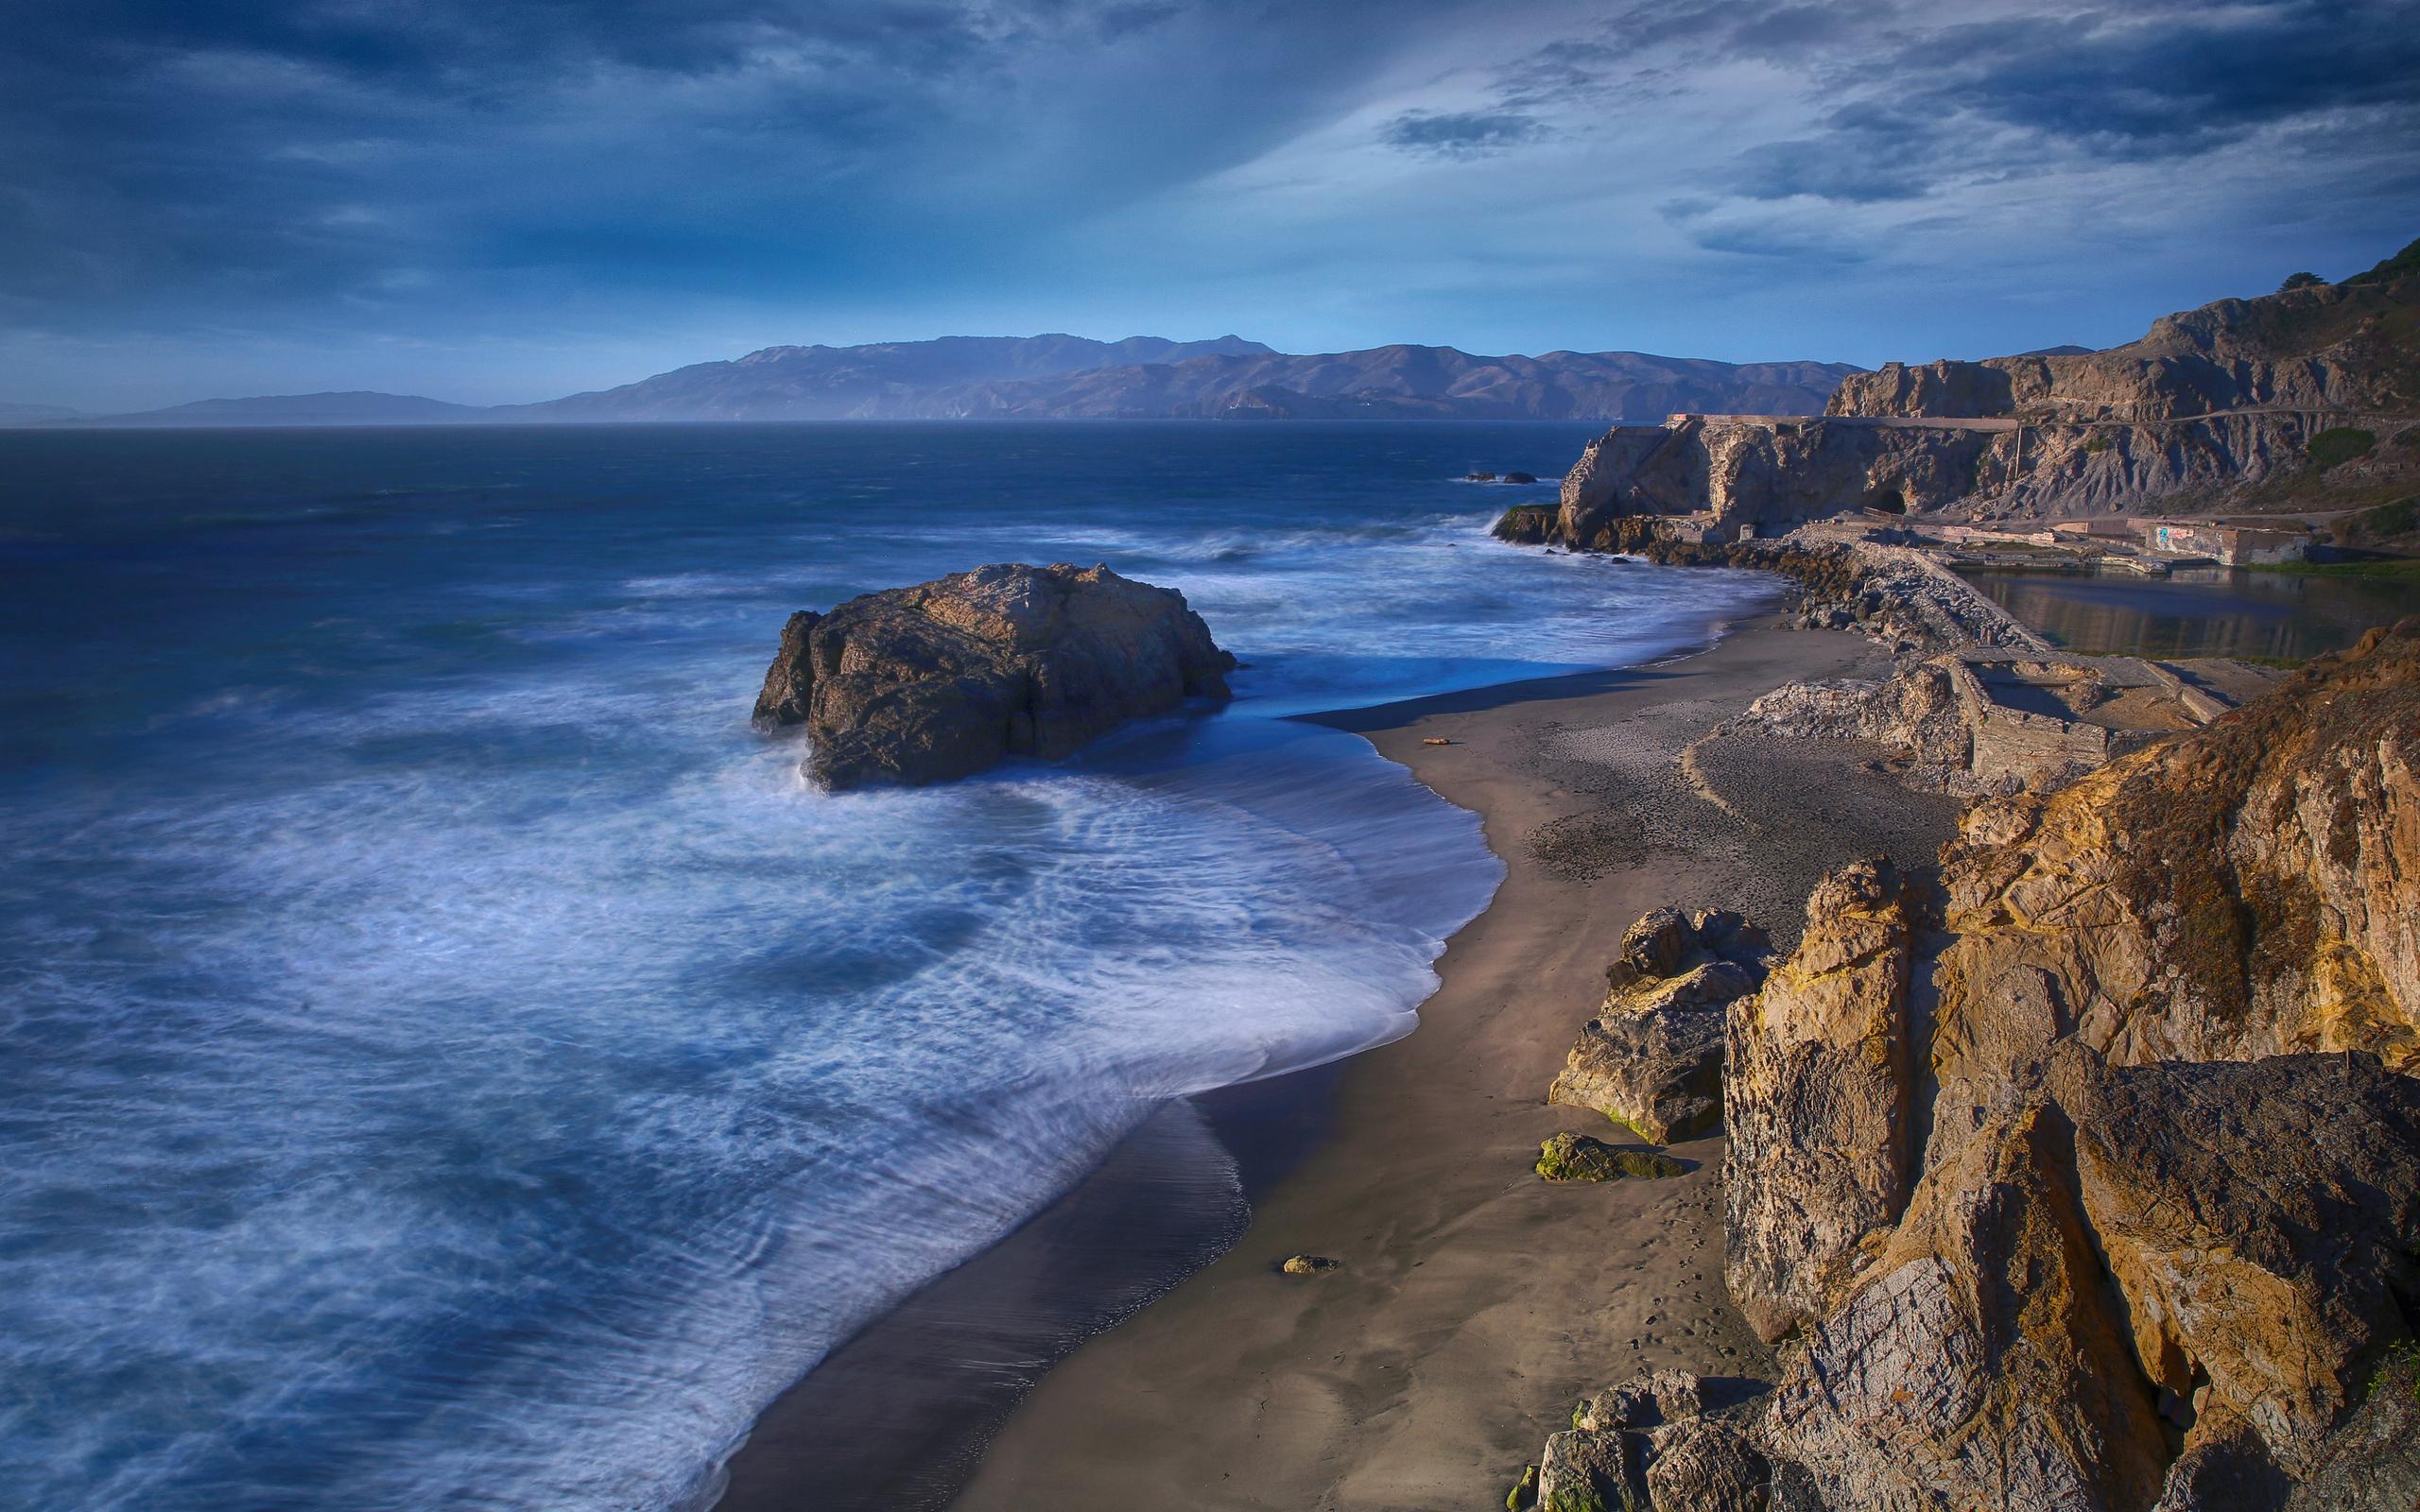 coast-usa-point-lobos-sutro-baths-crag-californina-4k-kn.jpg